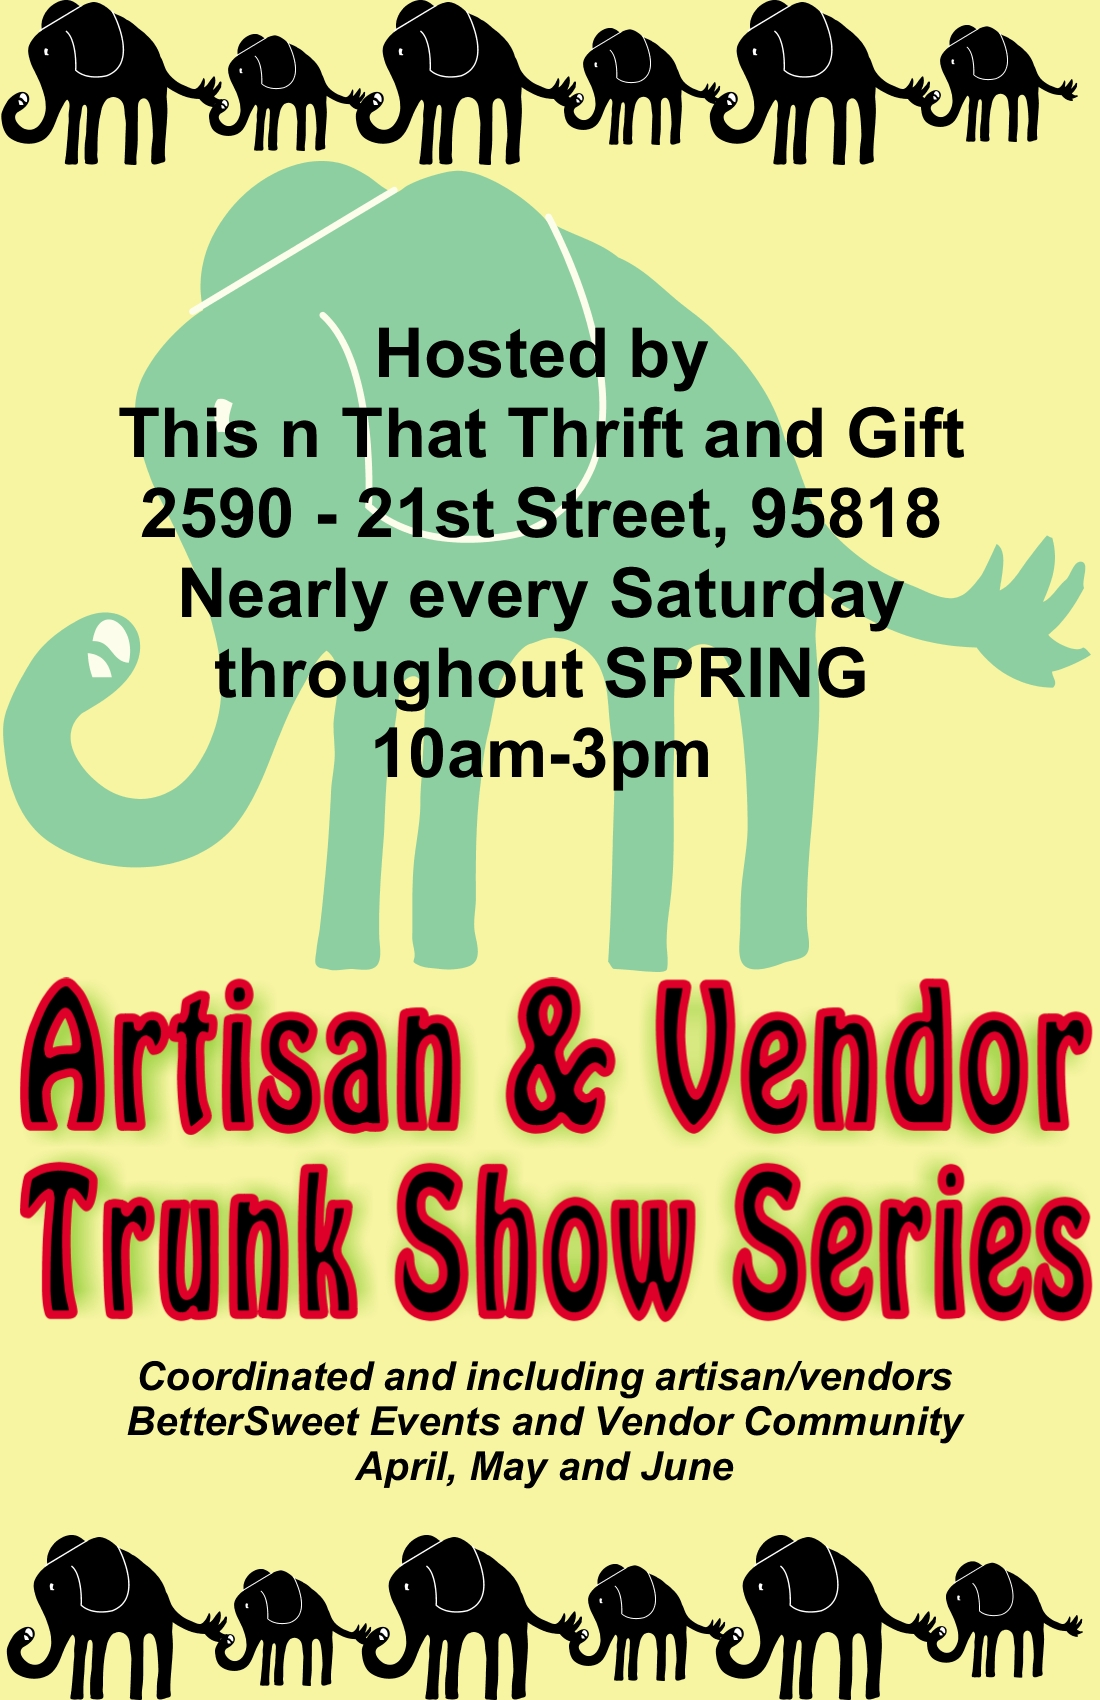 tnt trunk show poster-001.jpg